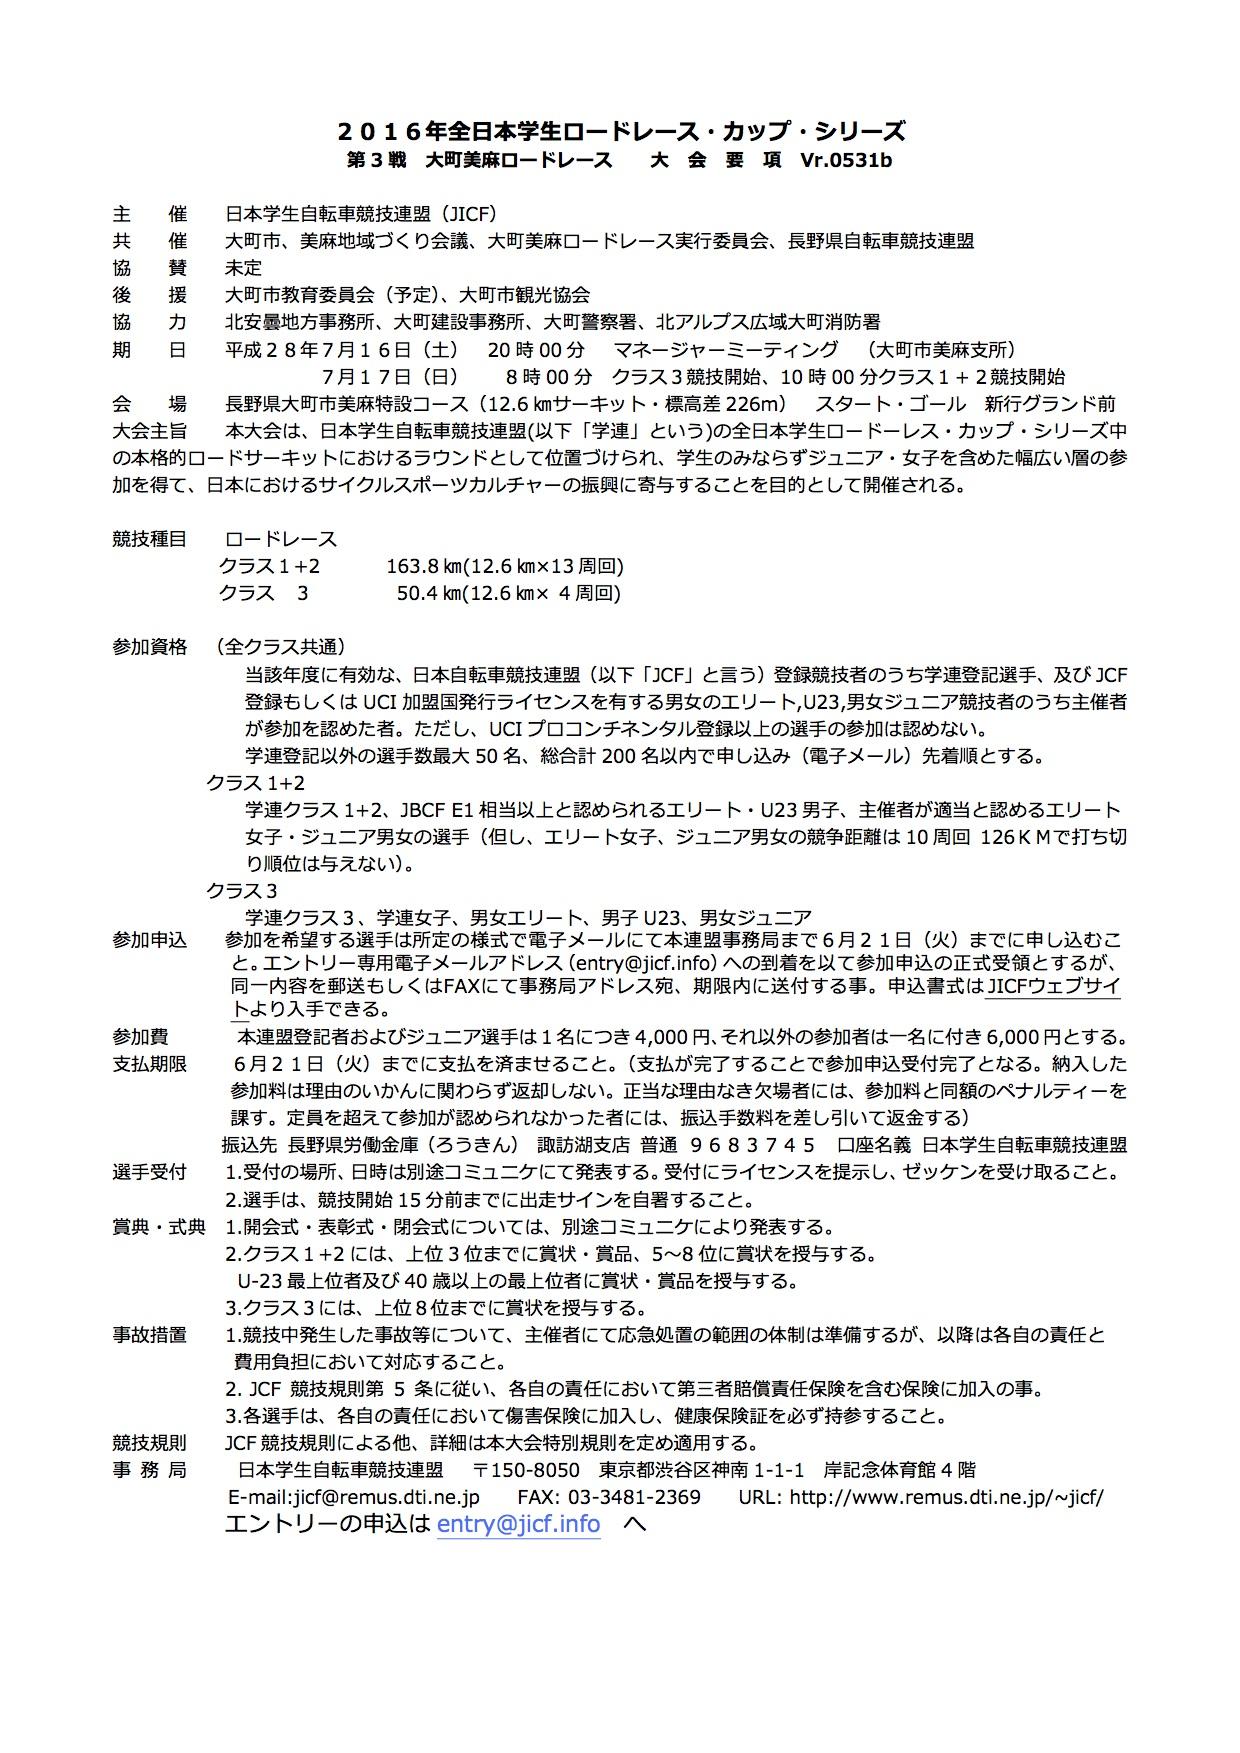 16RCS03_yoko_160601_01